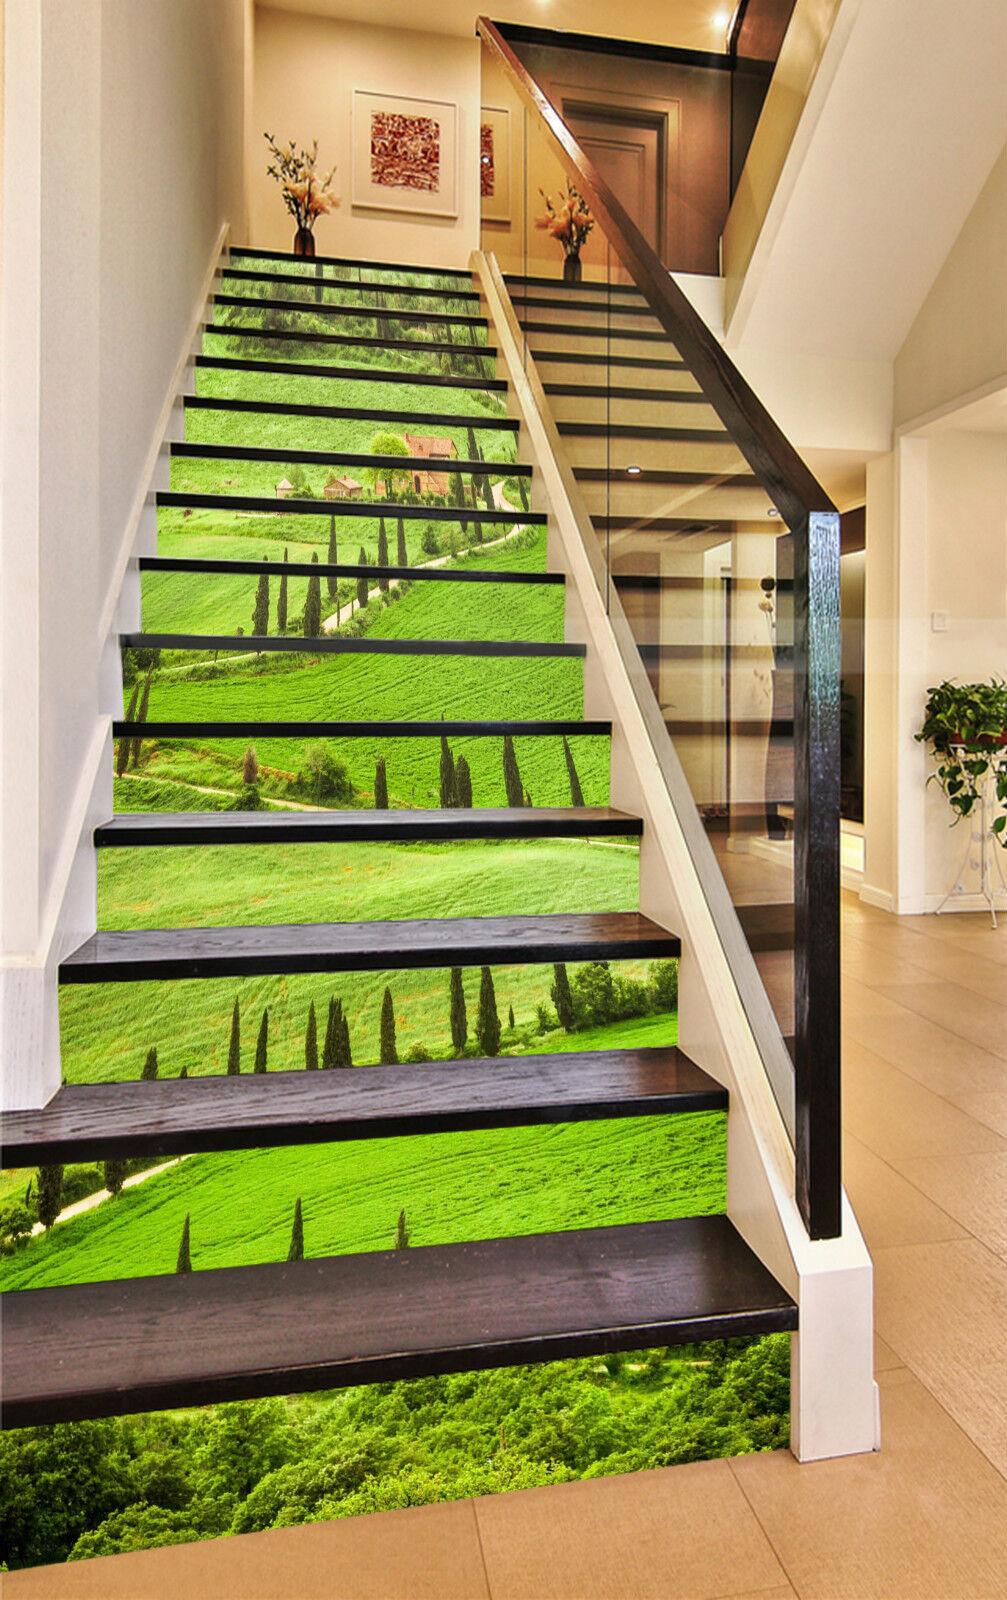 3D Grn Rasen 235 Stair Risers Dekoration Fototapete Vinyl Aufkleber Tapete DE